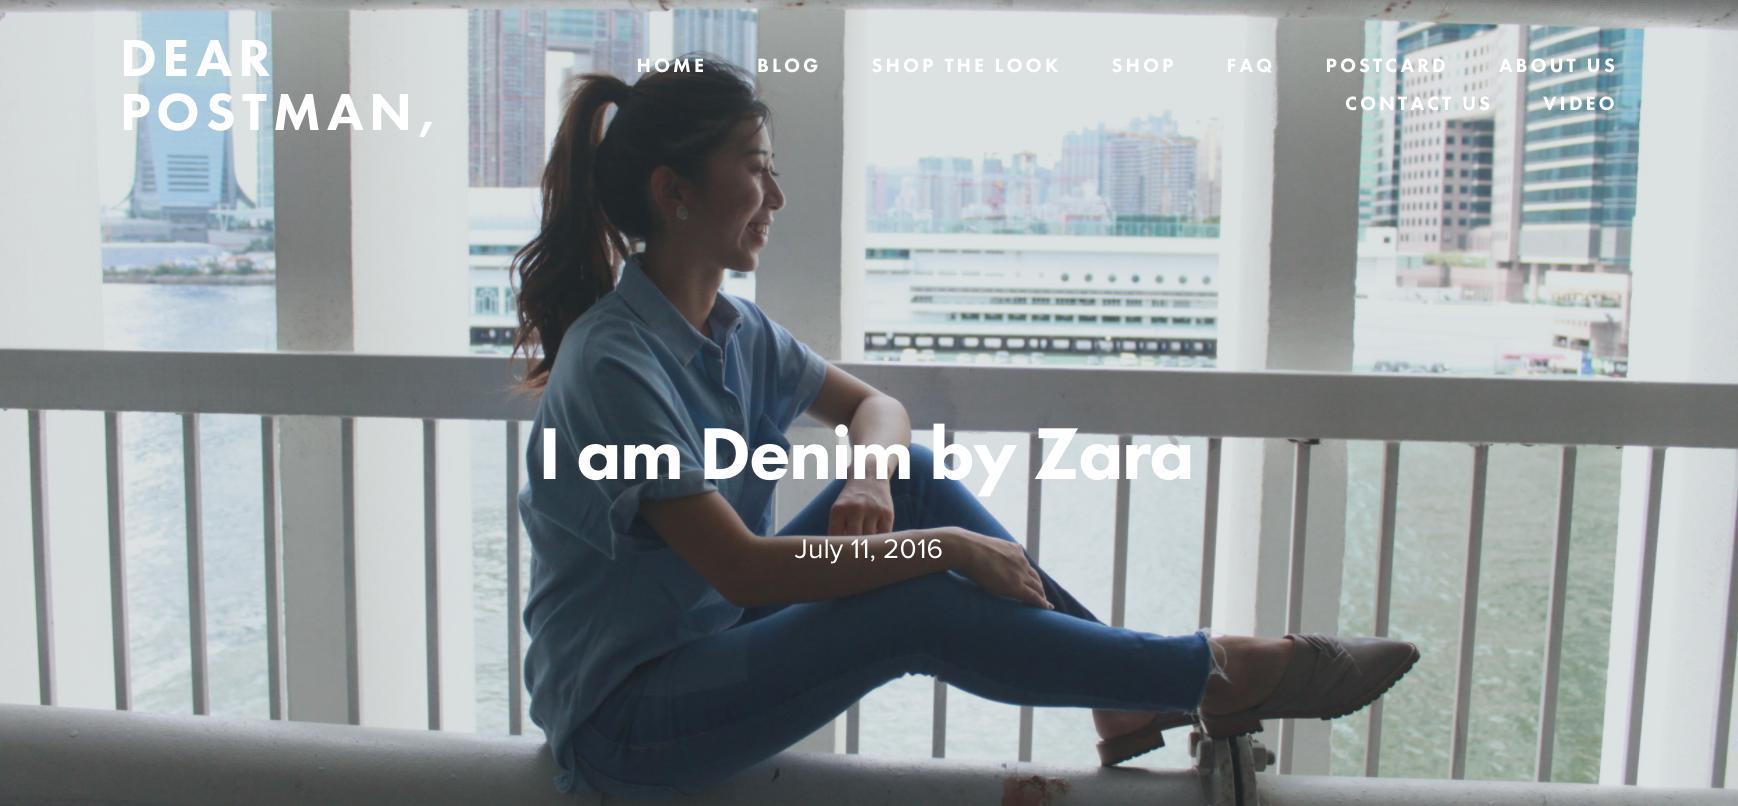 I am Denim by Zara